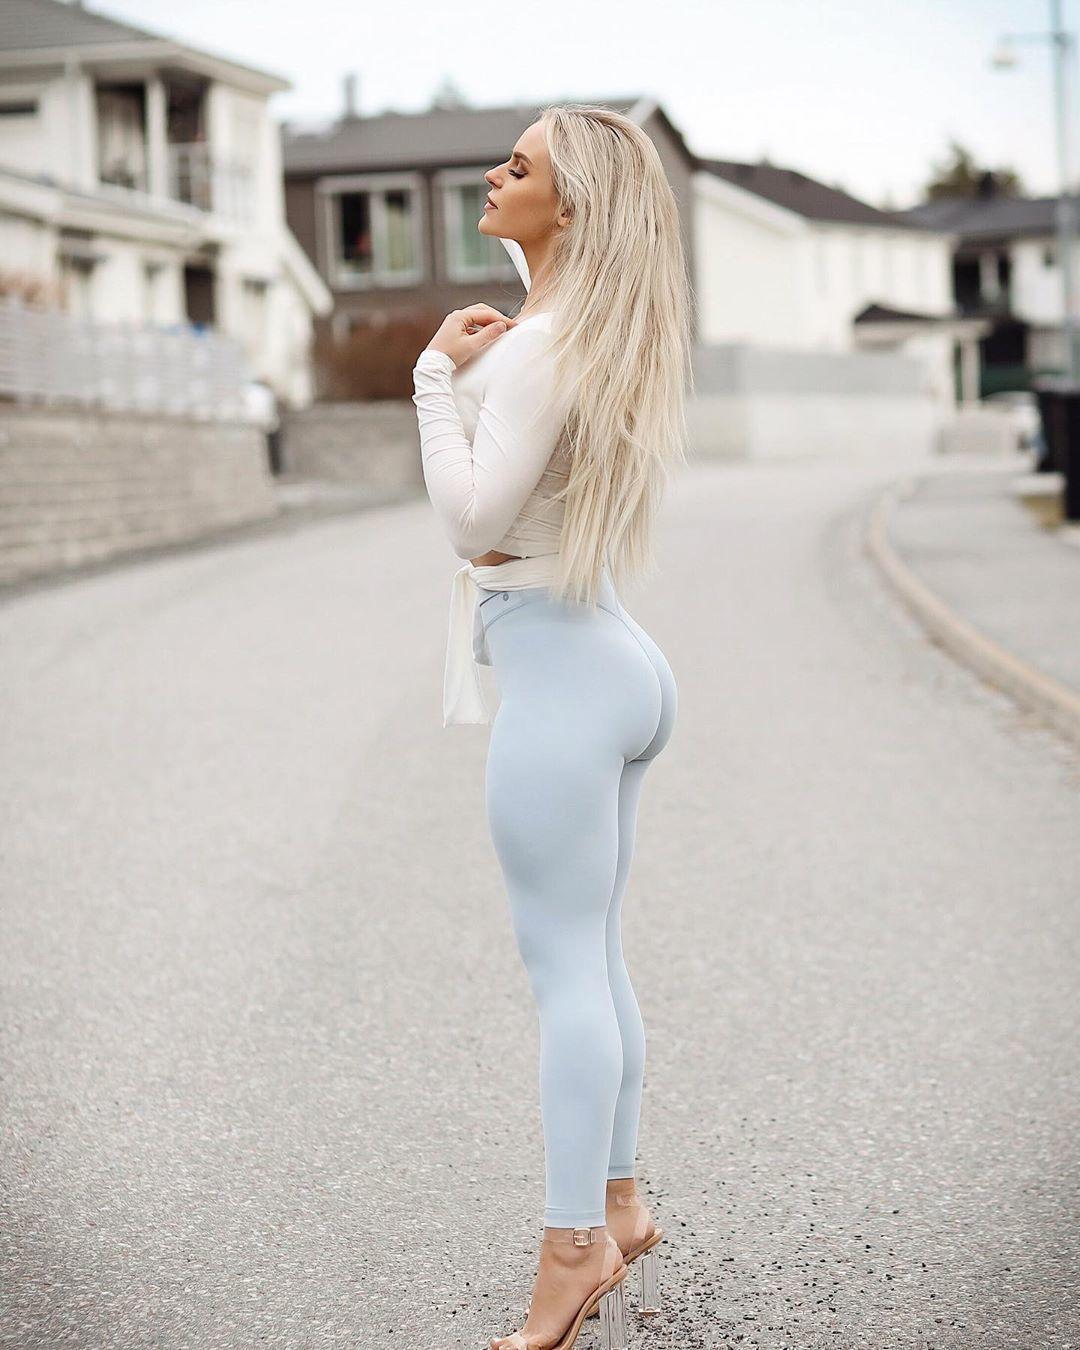 Абалденная попка блондинки в белых леггинсах